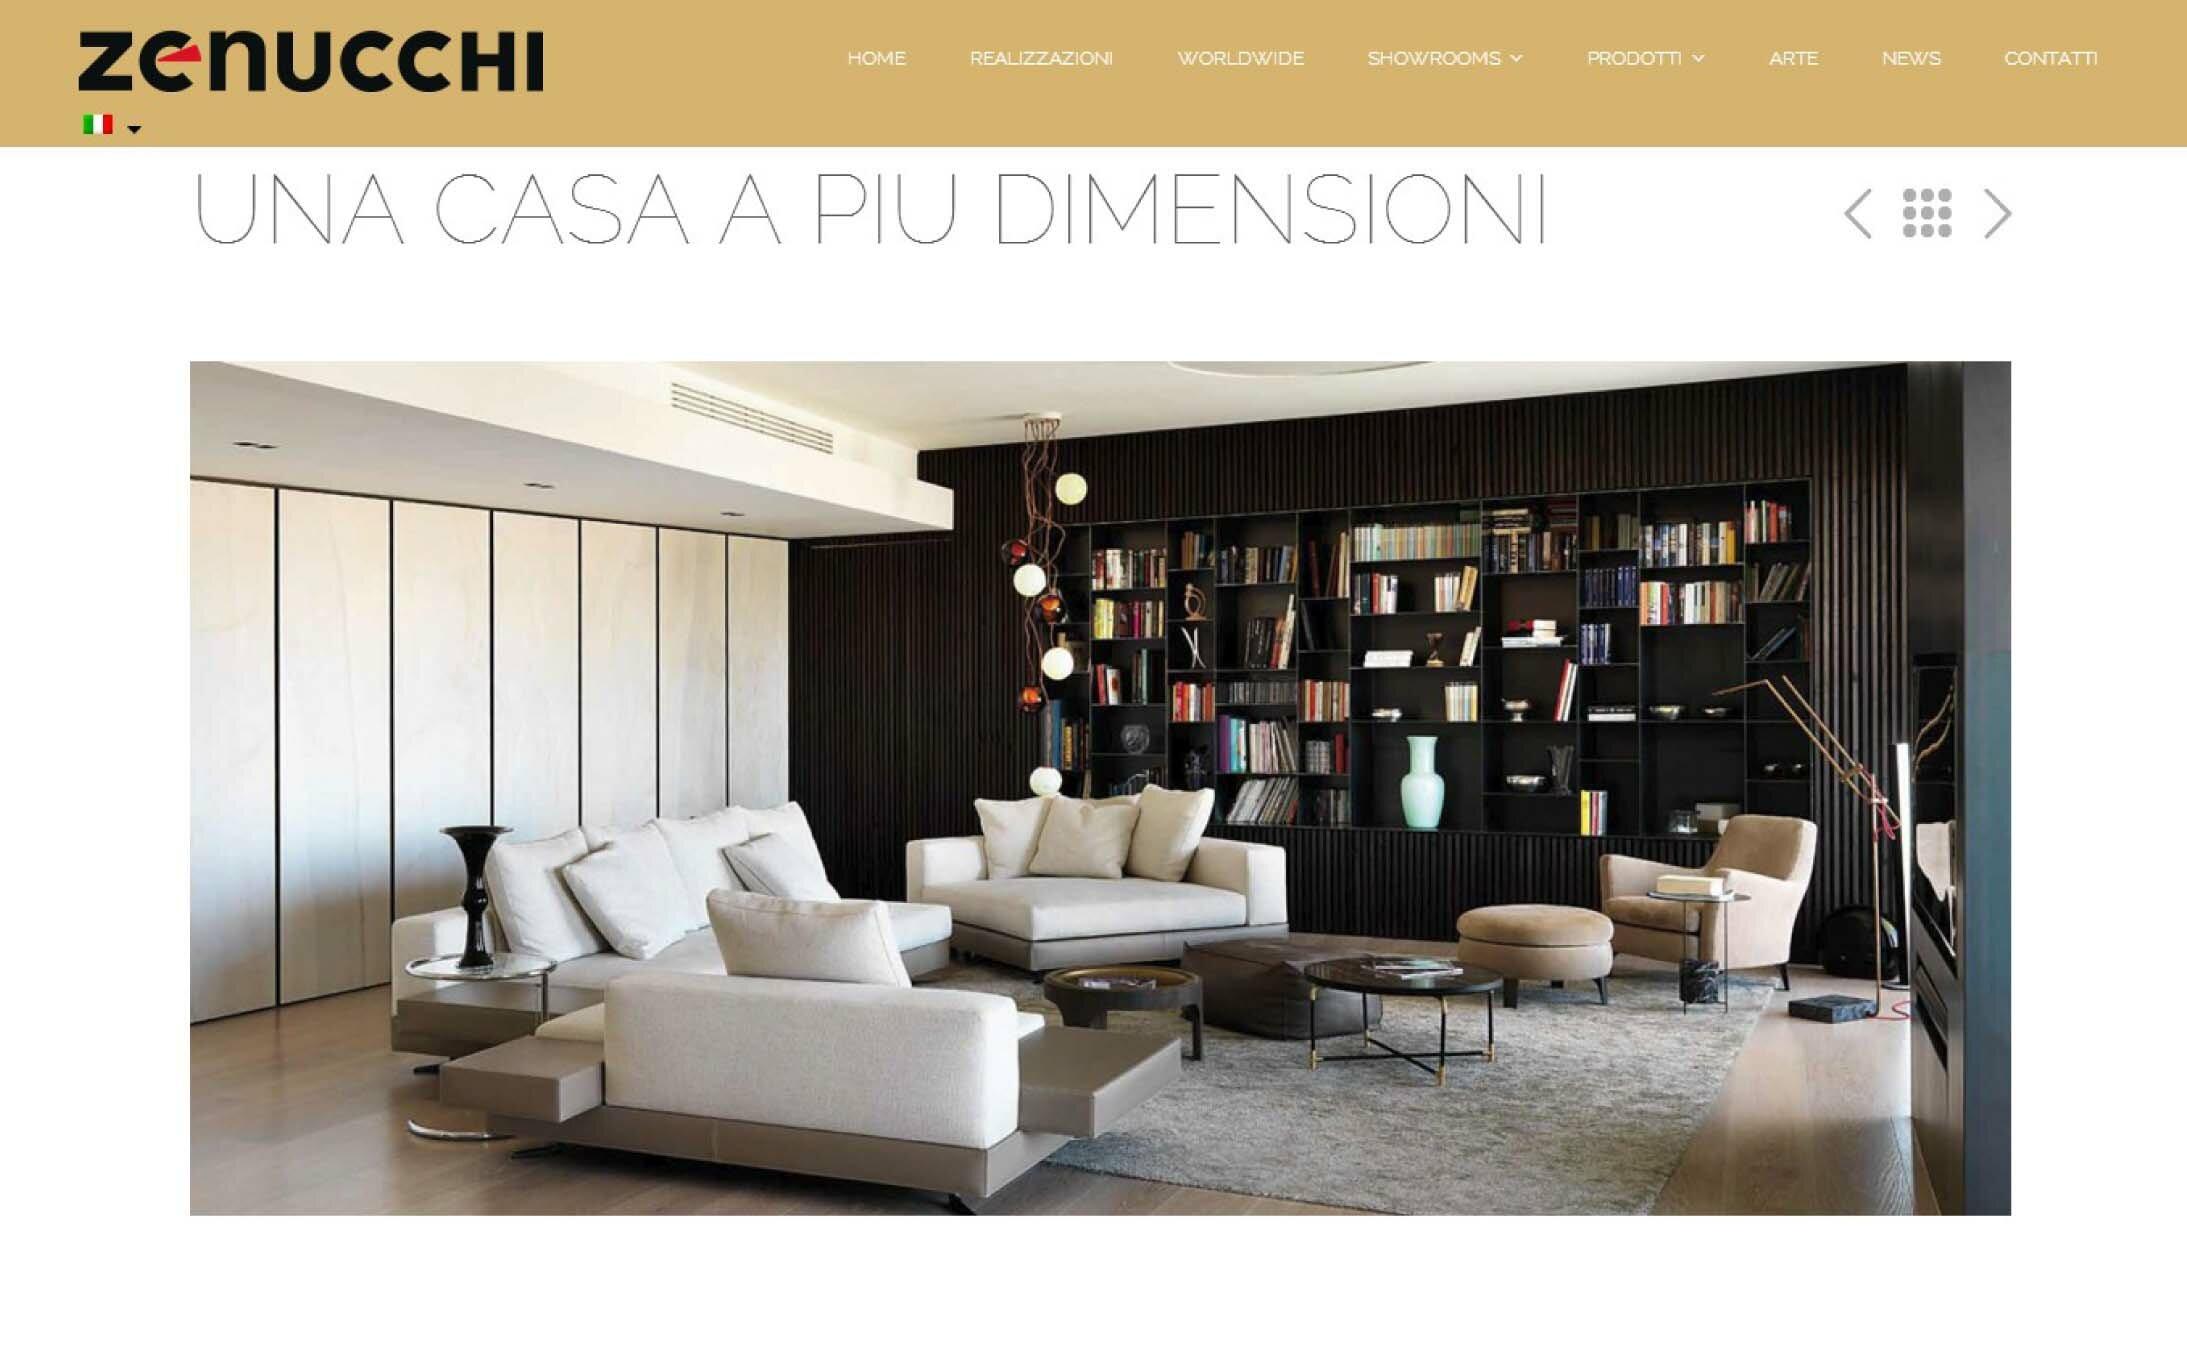 Centimetro quadro studio for Zenucchi arredamenti